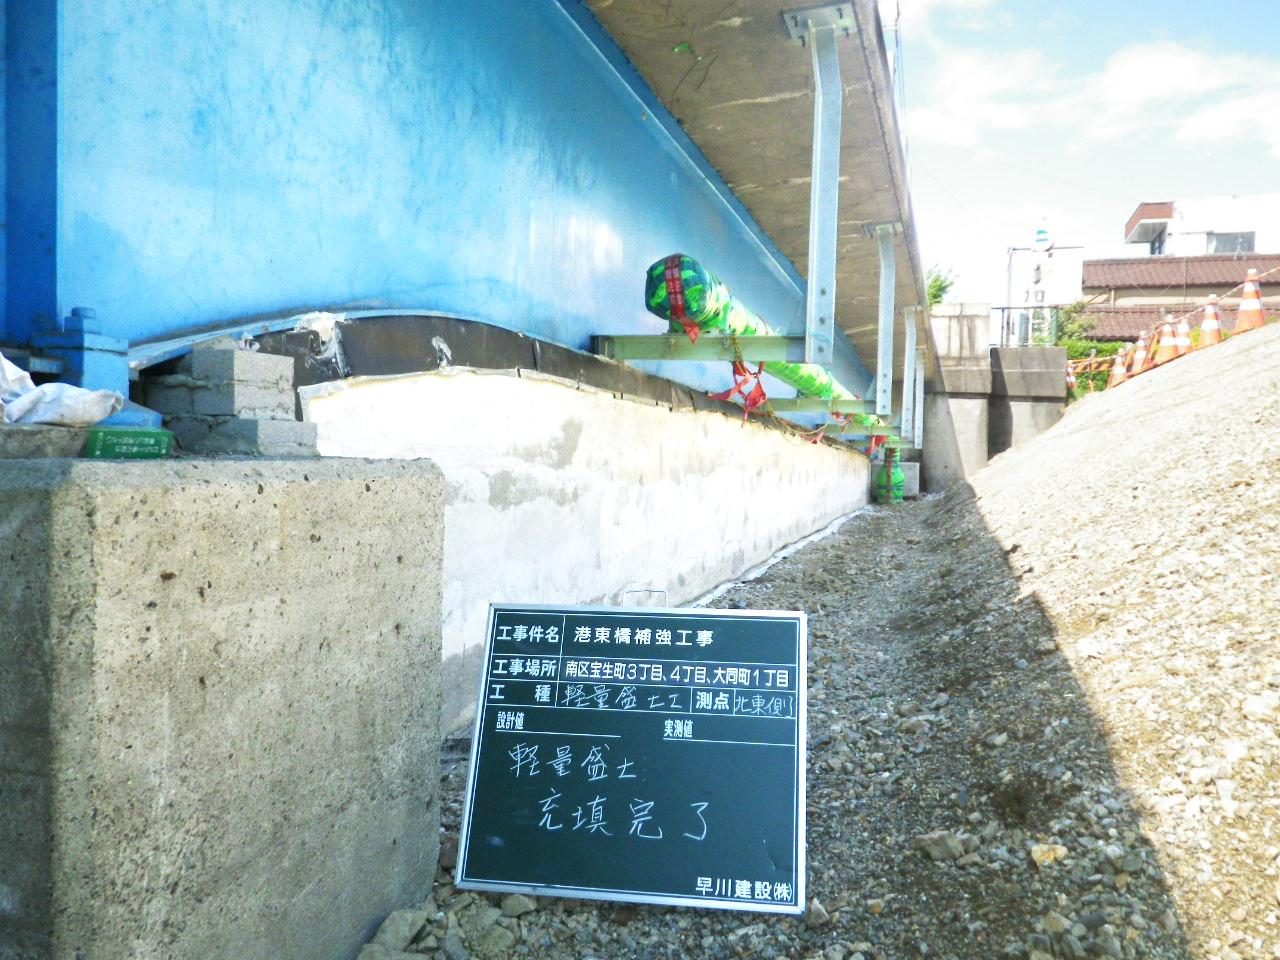 港東橋補強工事 名古屋市